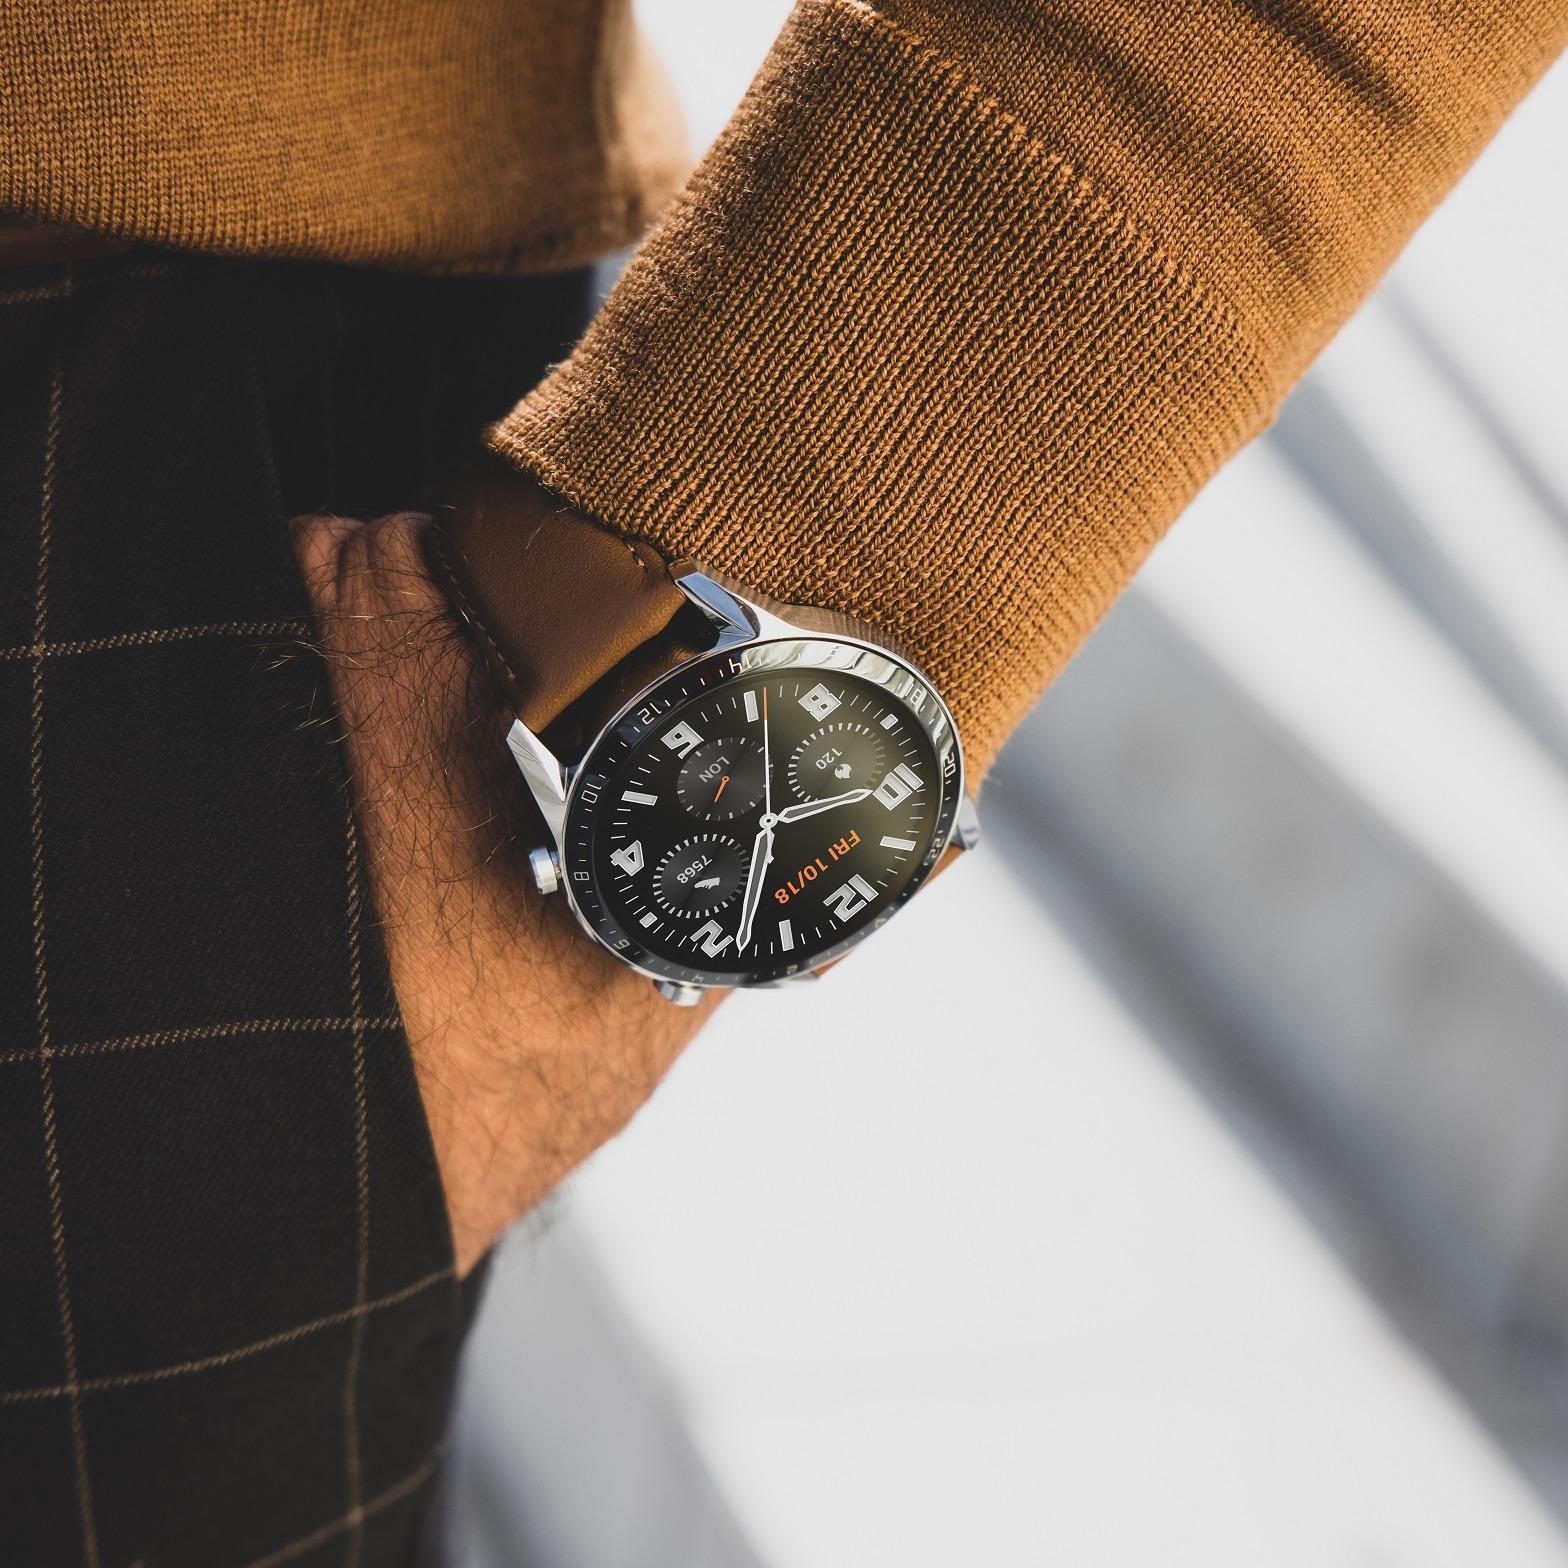 @fashionhr Otkrijte pametni sat koji će svojim funkcijama olakšati vašu svakodnevicu! Link Thumbnail | Linktree